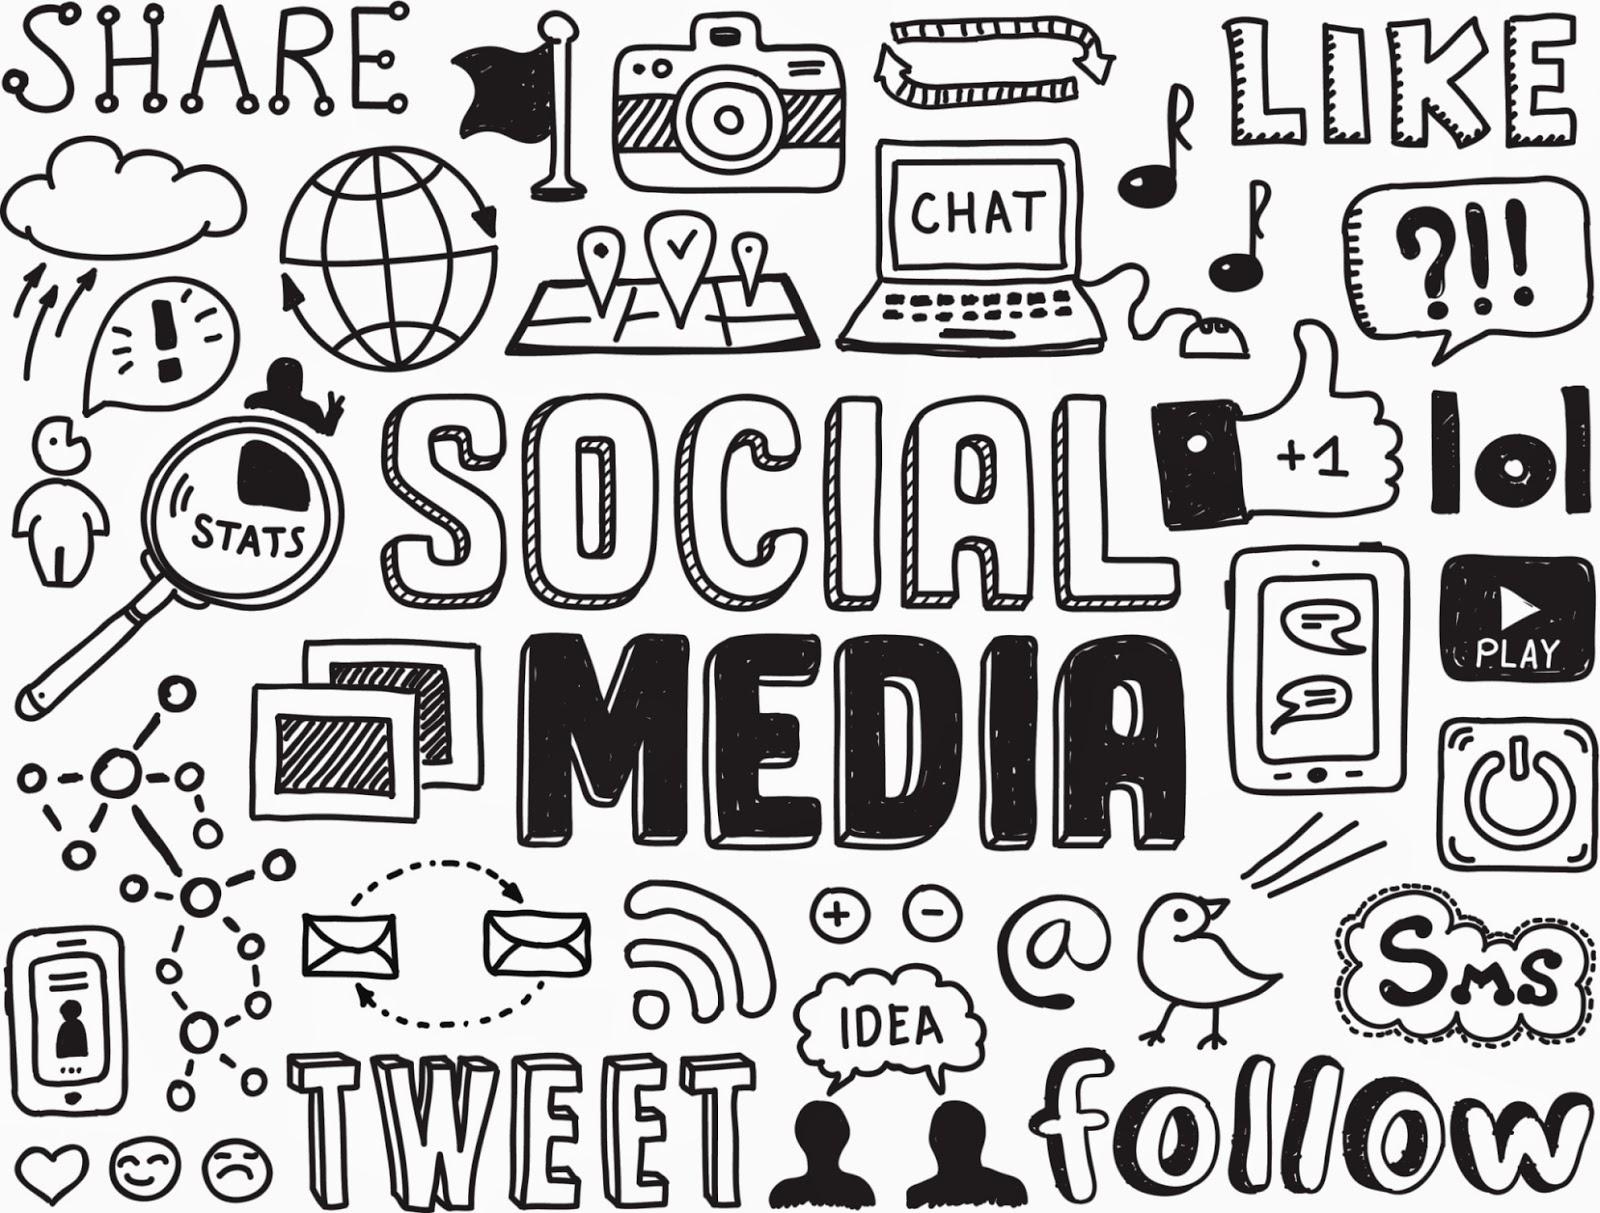 Twitter Facebook Instagram Social Media